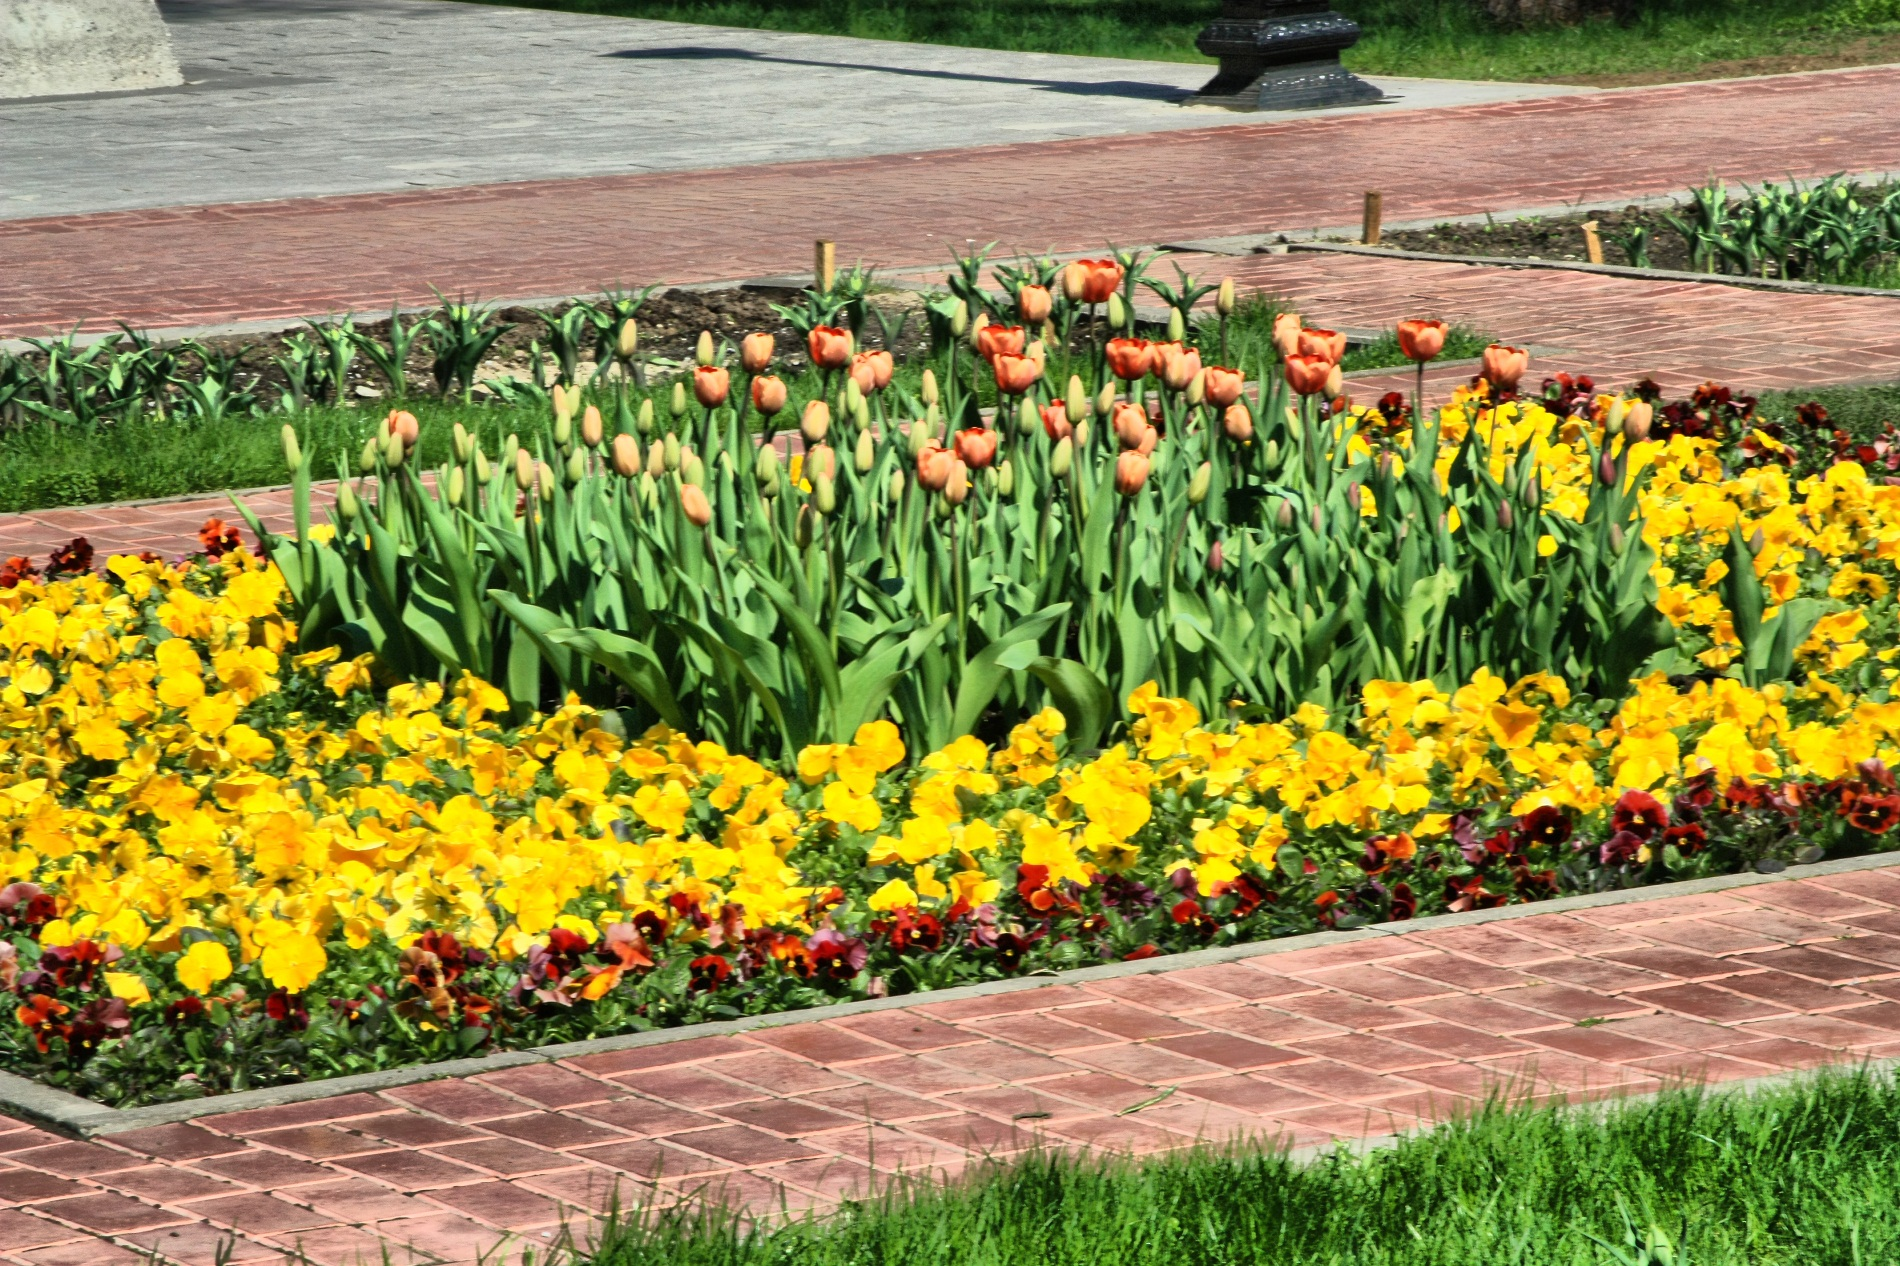 За месяц в Екатеринбурге посадят 1,5 млн цветов